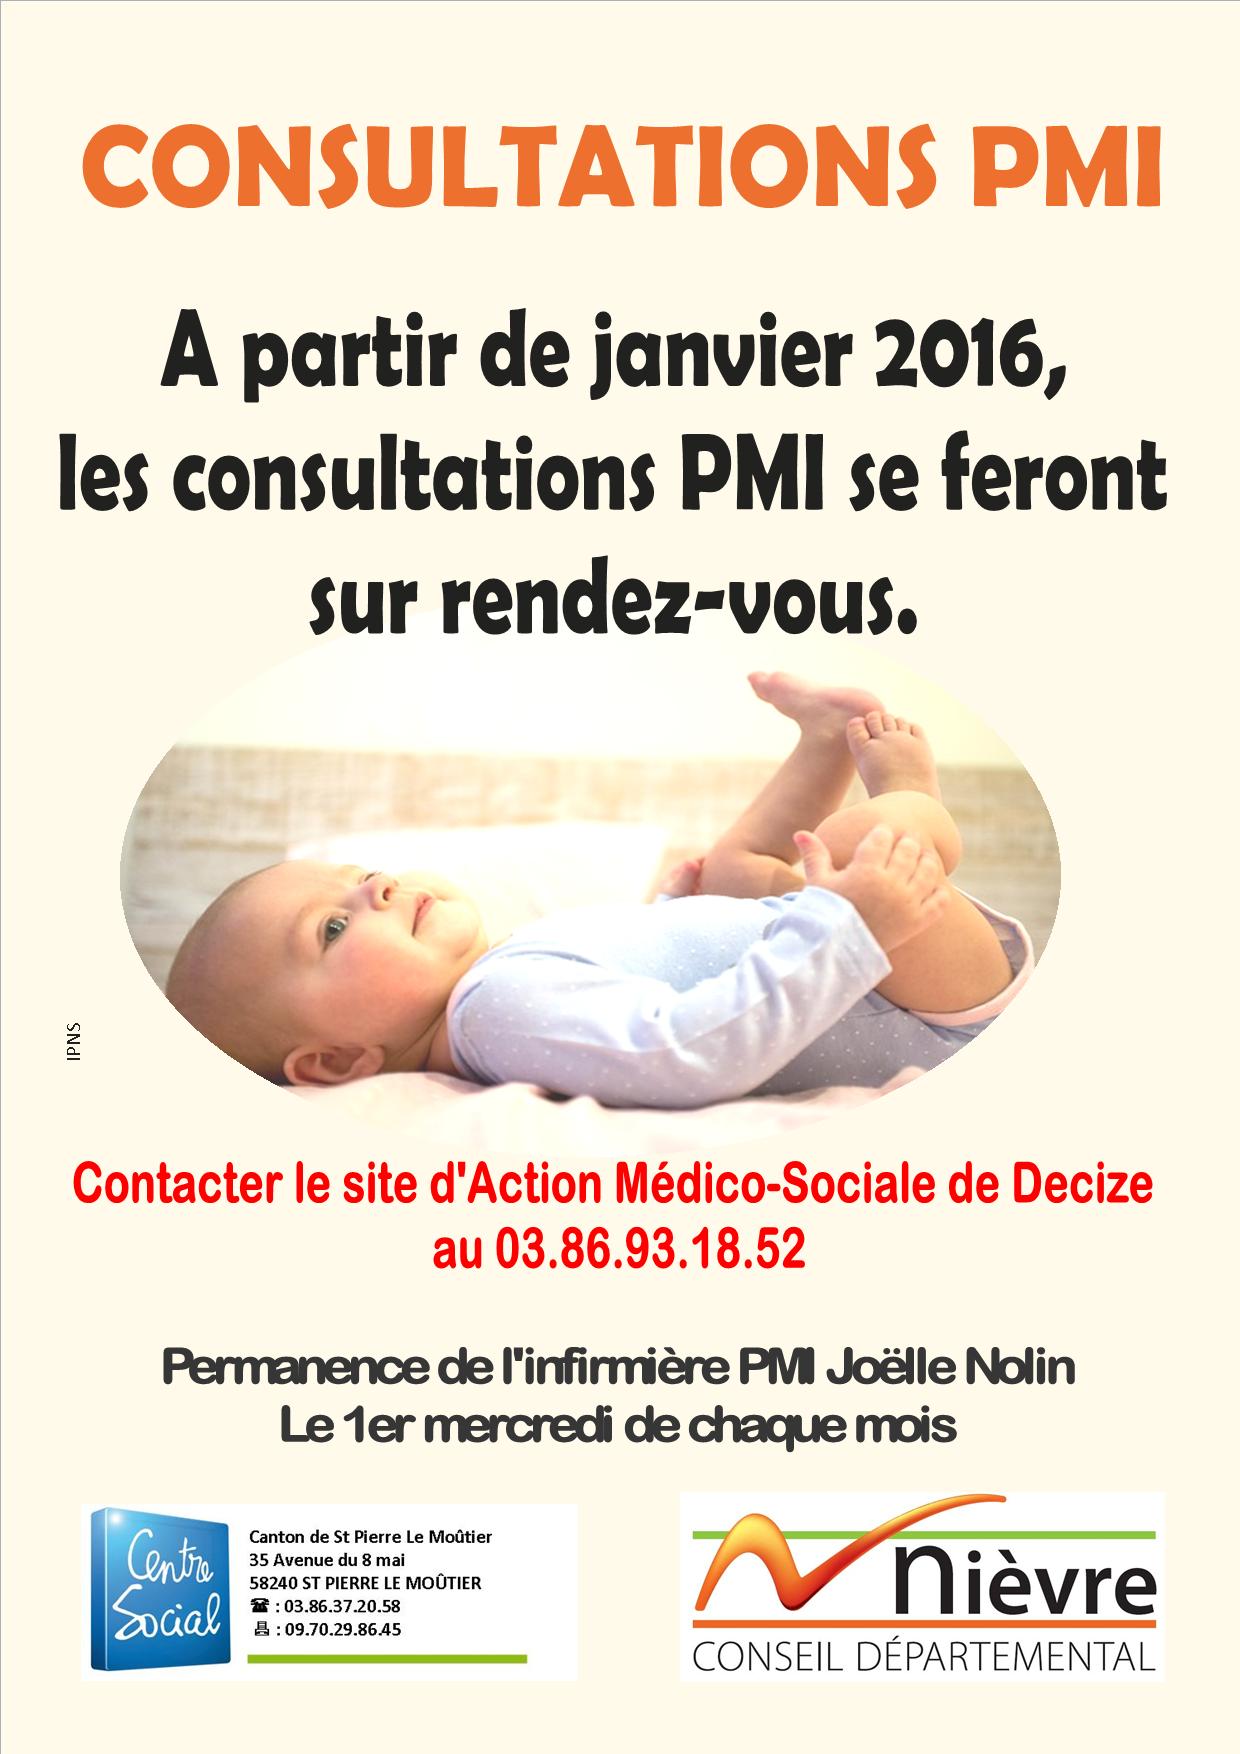 Consultations PMI 2016